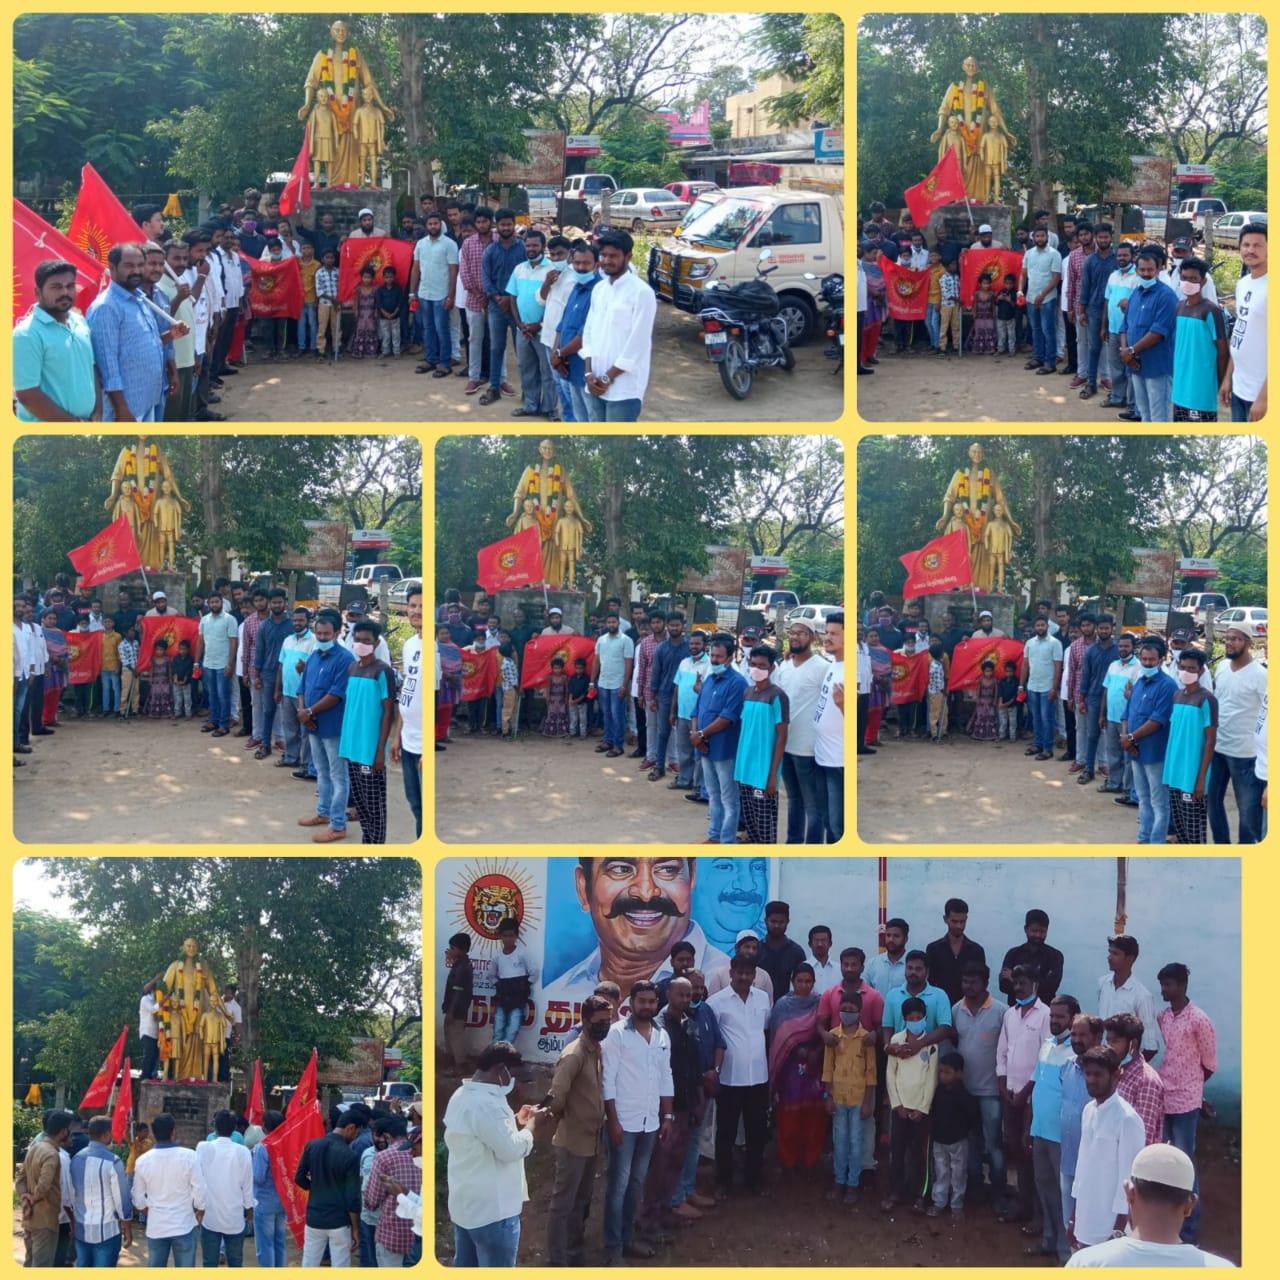 ஆம்பூர் - காமராஜருக்கு புகழ் வணக்கம்